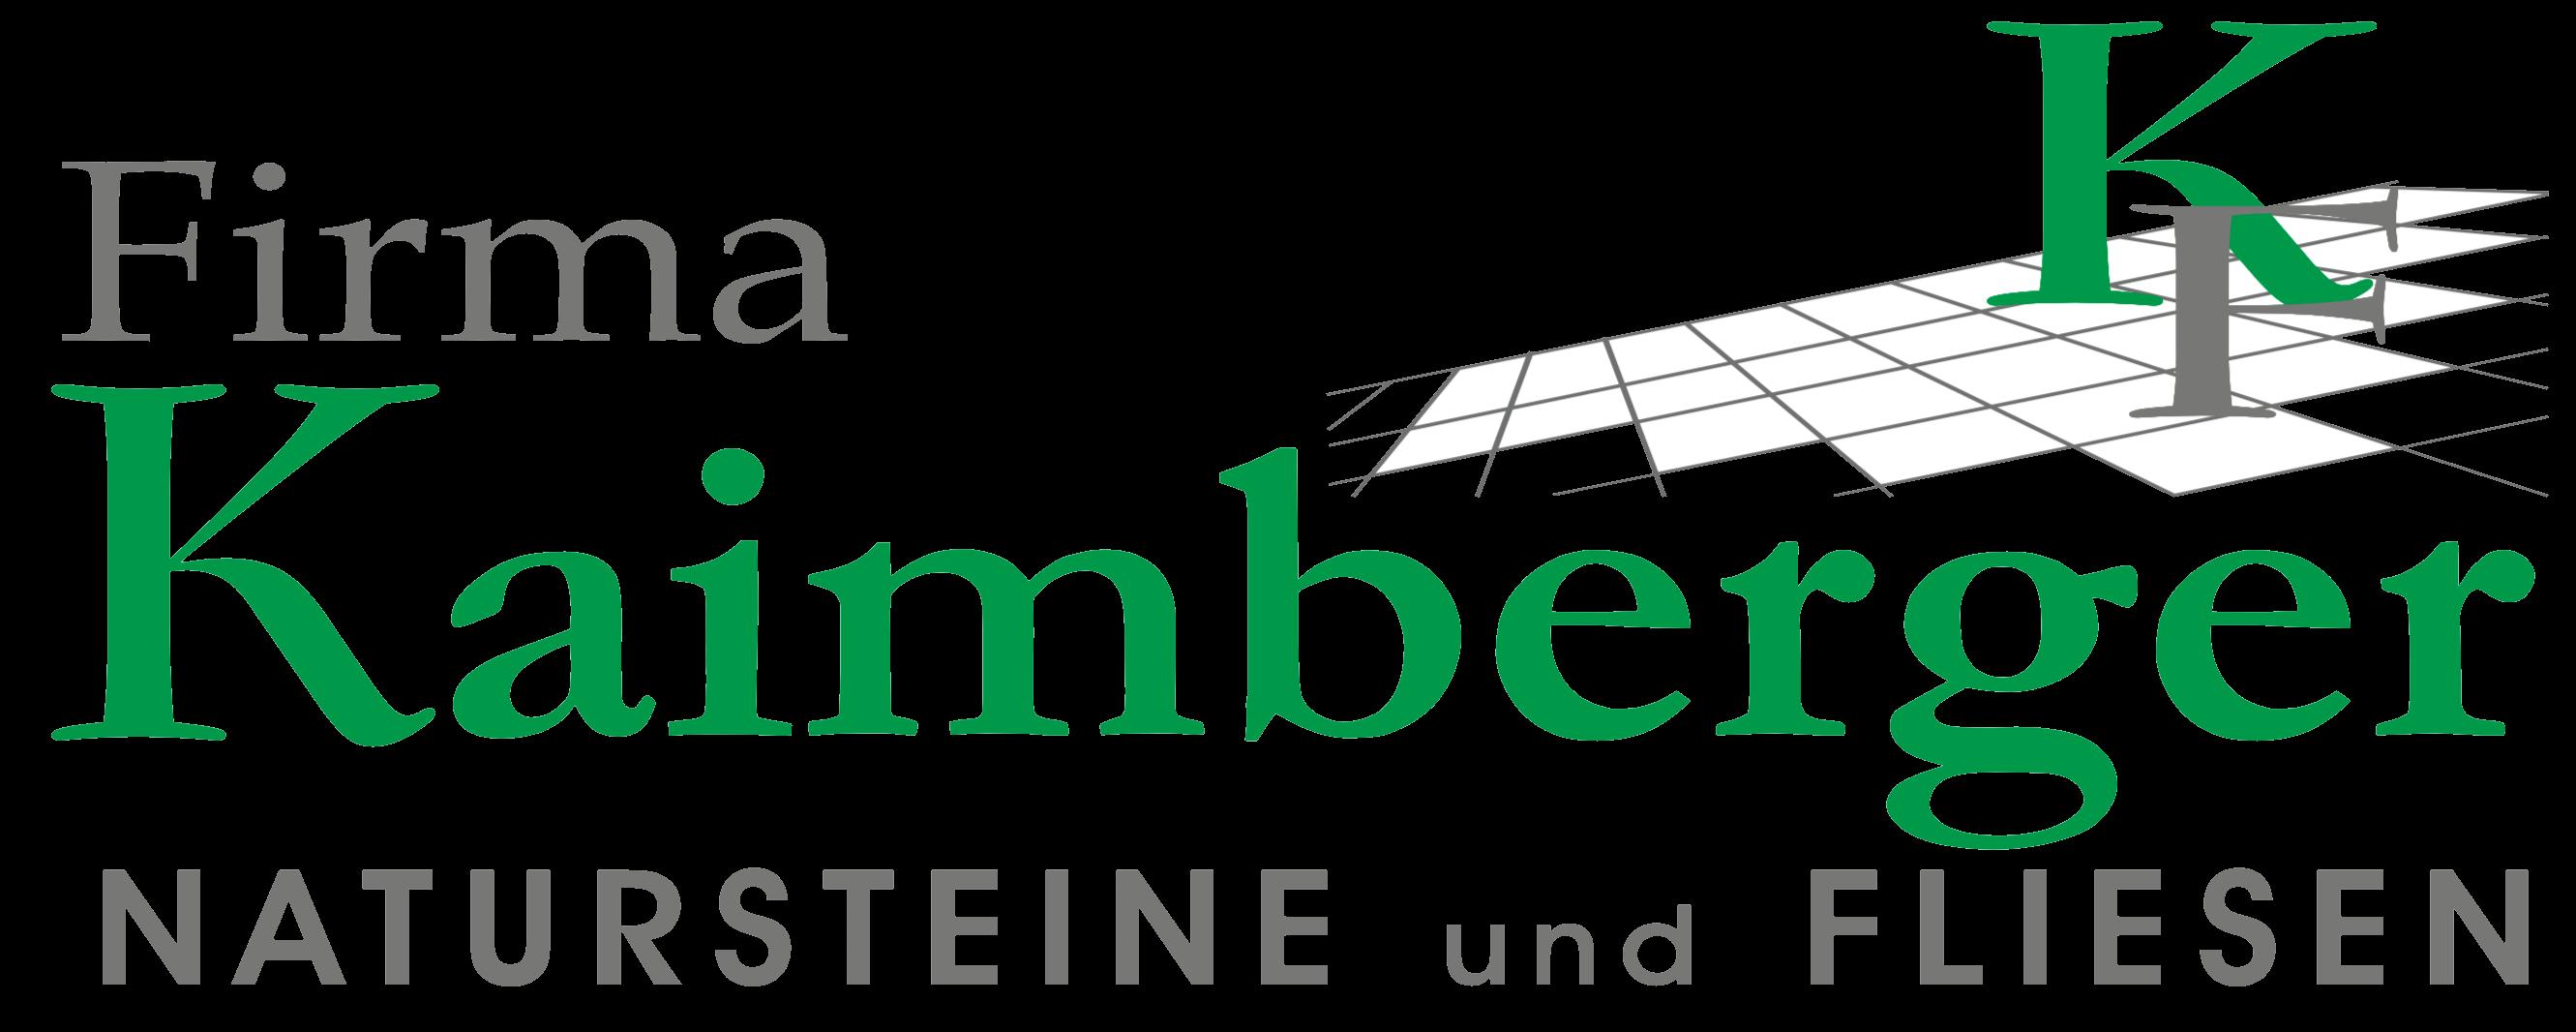 Firma Kaimberger - Platten- und Fliesenleger in OÖ | Andreas Kaimberger ist Ihr Plattenleger und Fliesenleger aus dem Bezirk Grieskirchen in Oberösterreich. Wir sind Ihr Pflasterer und Fliesenleger für die Bezirke Grieskirchen, Schärding, Eferding, Wels, Ried i.I., Linz, ...